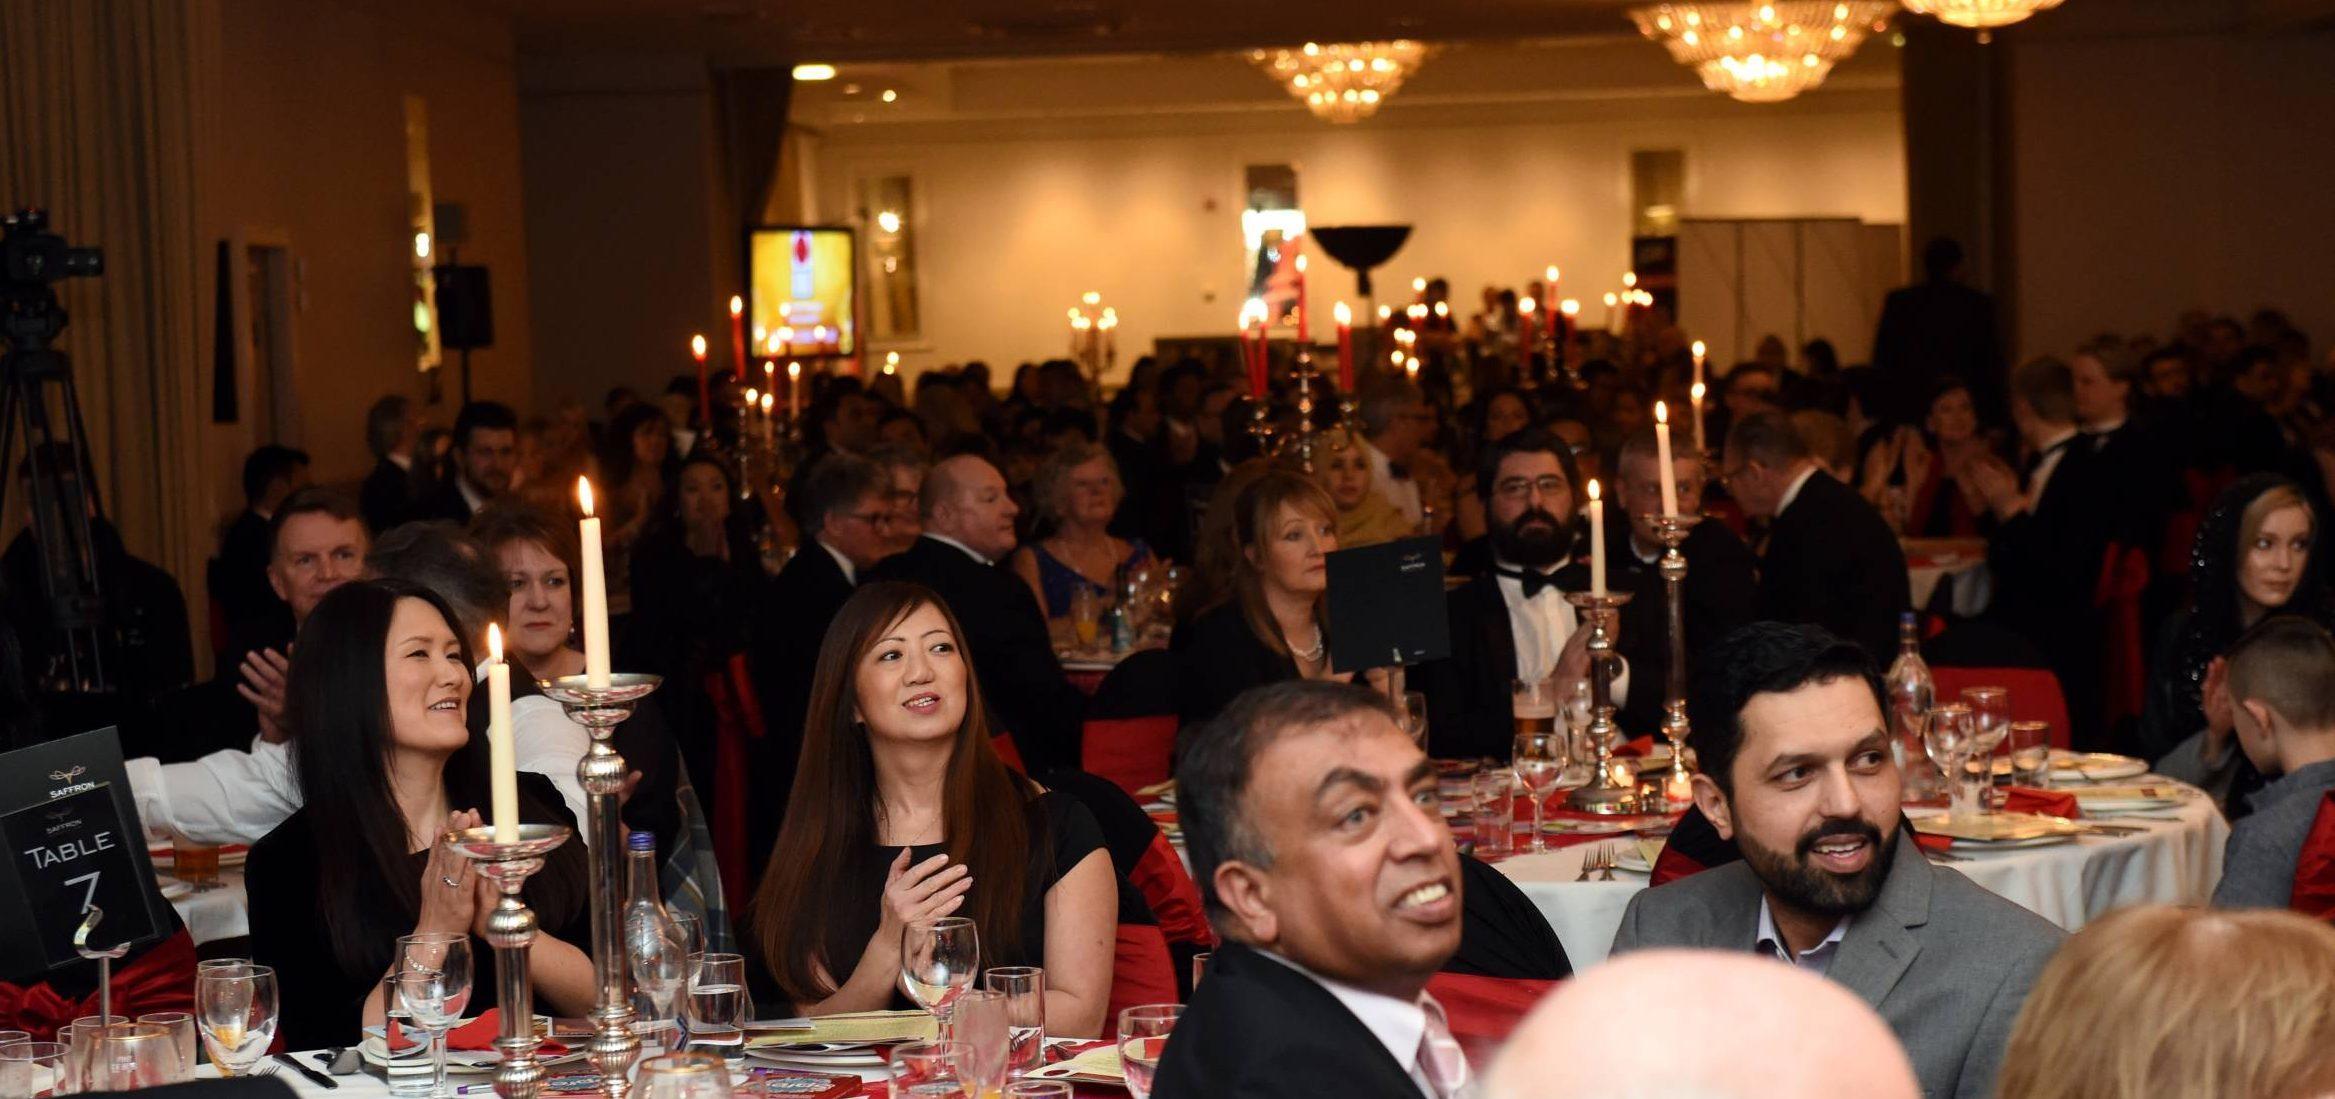 Aberdeen's Best Curry Awards 2017